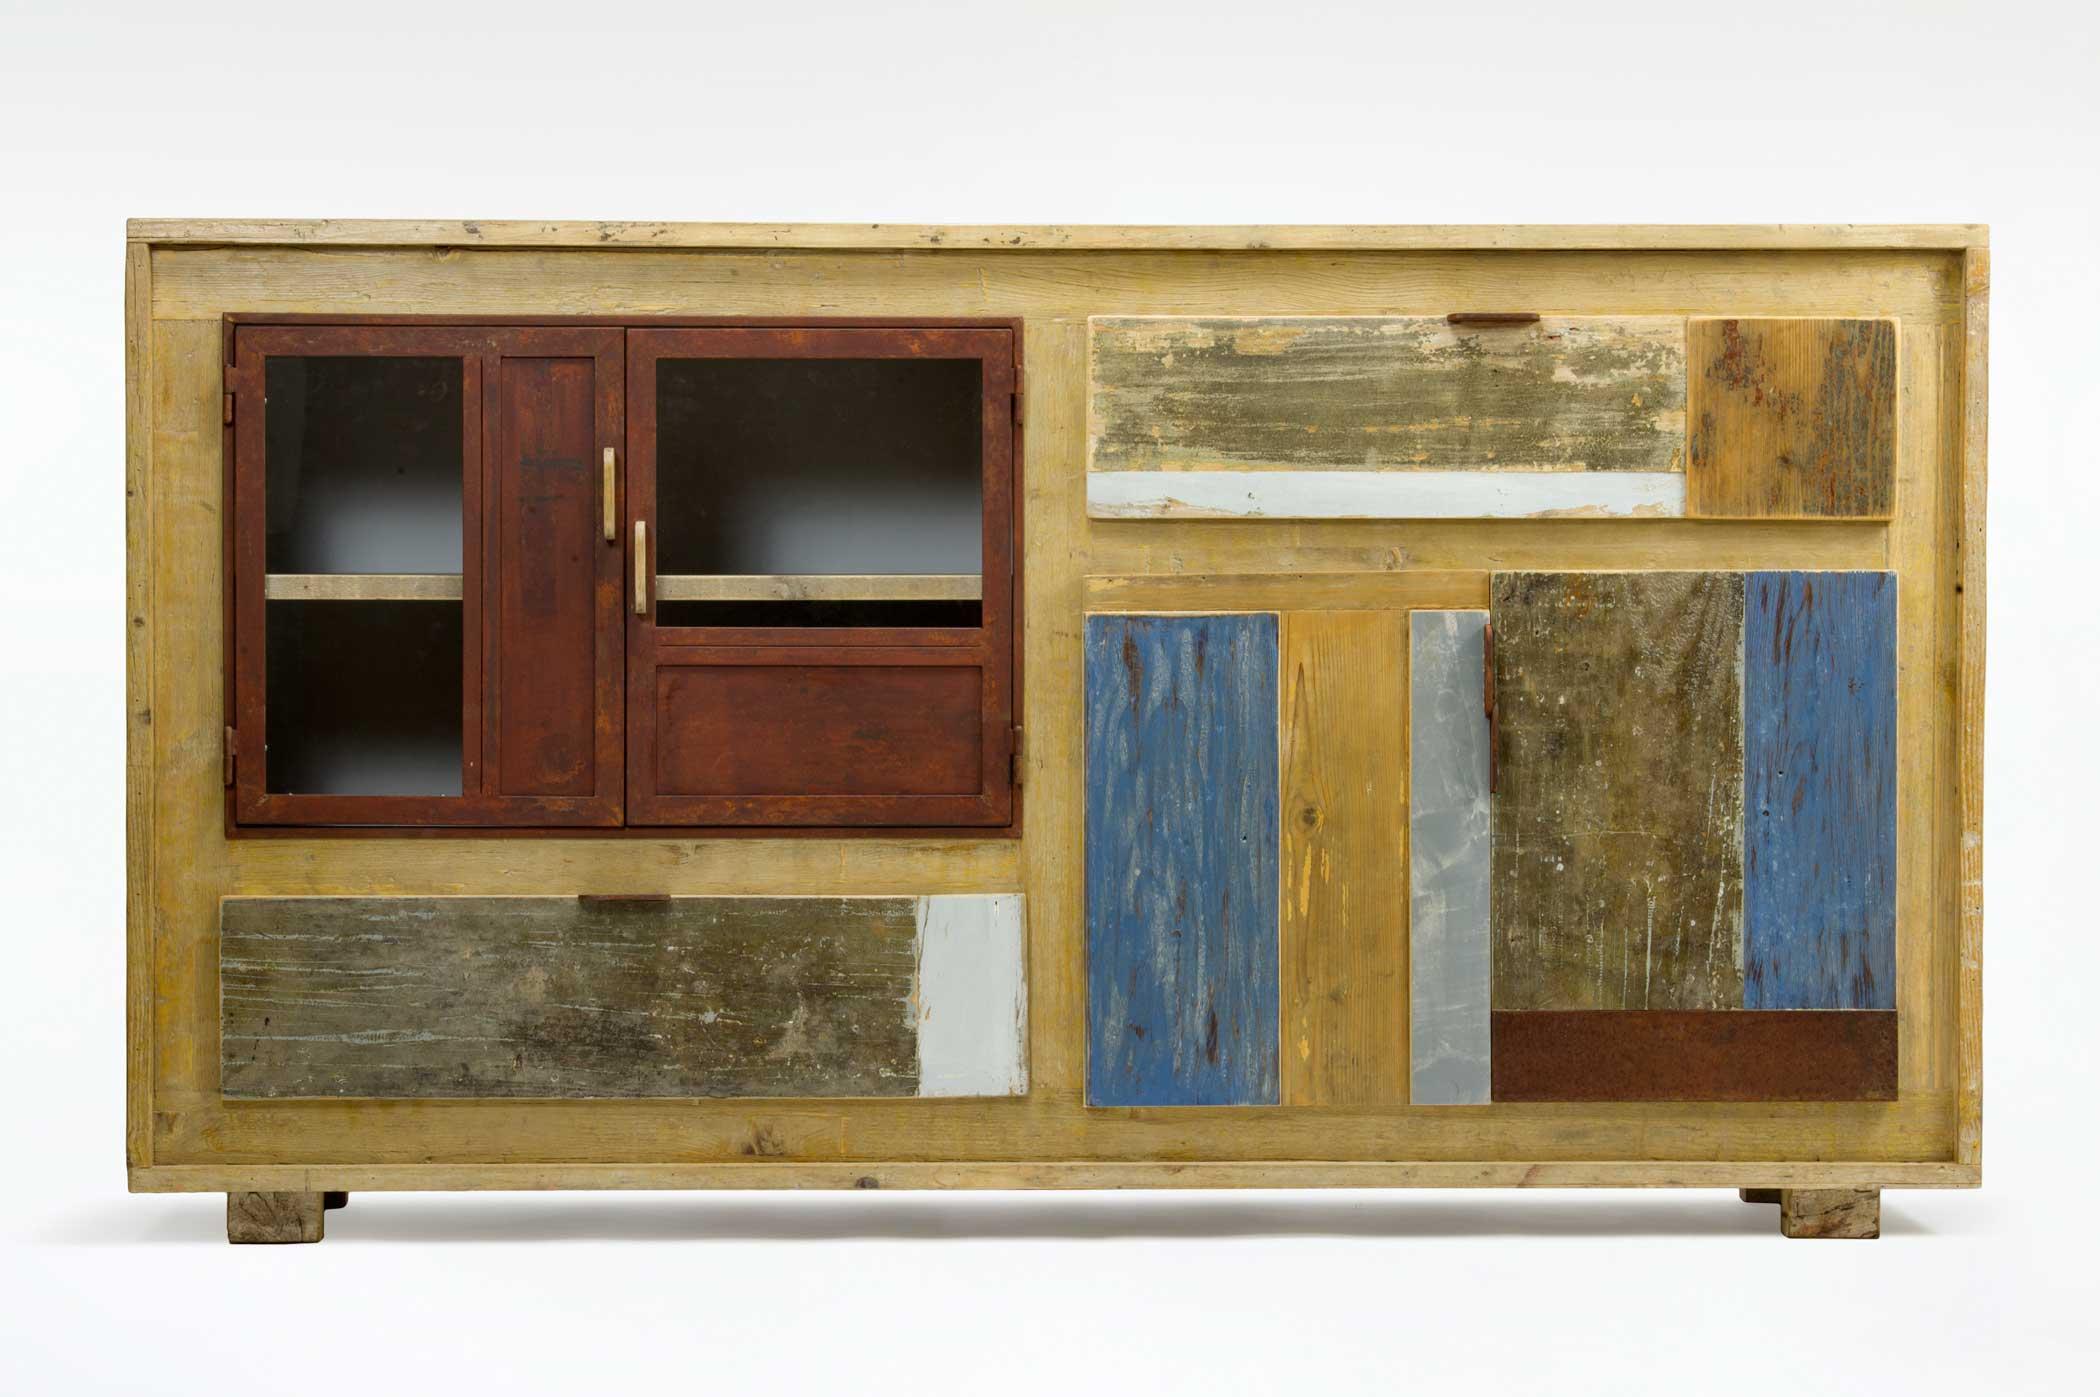 Credenza in legno da cantiere, legno recuperato da alcune porte antiche e vecchio ferro ossidato